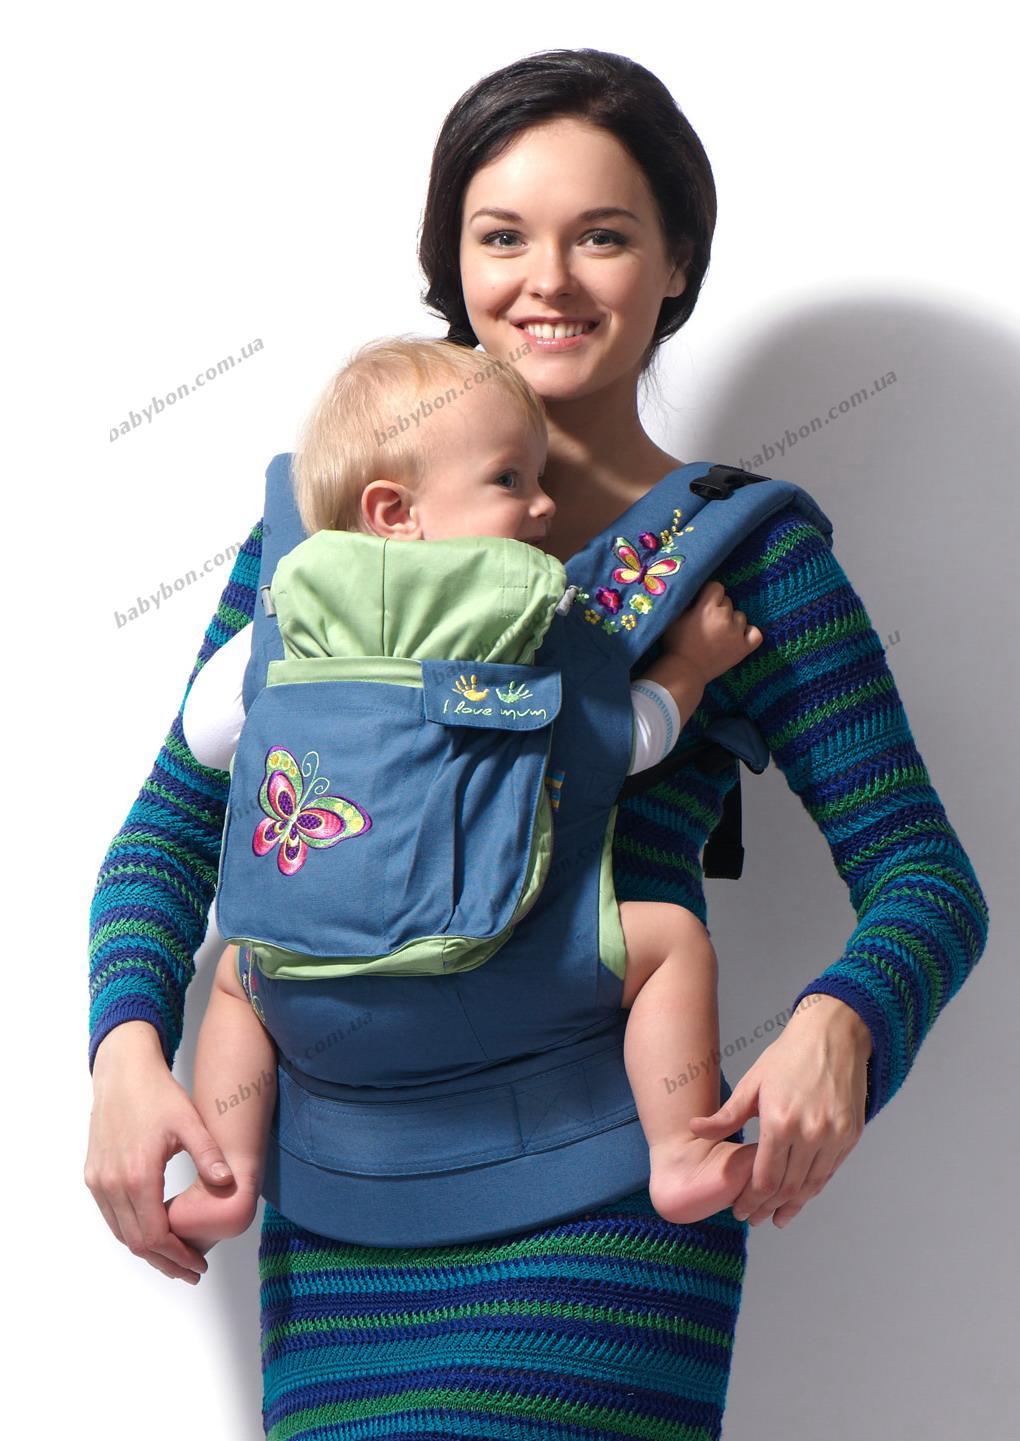 Купить слинг-рюкзаки i love mum ищу девушку, которой помог донести чемоданы